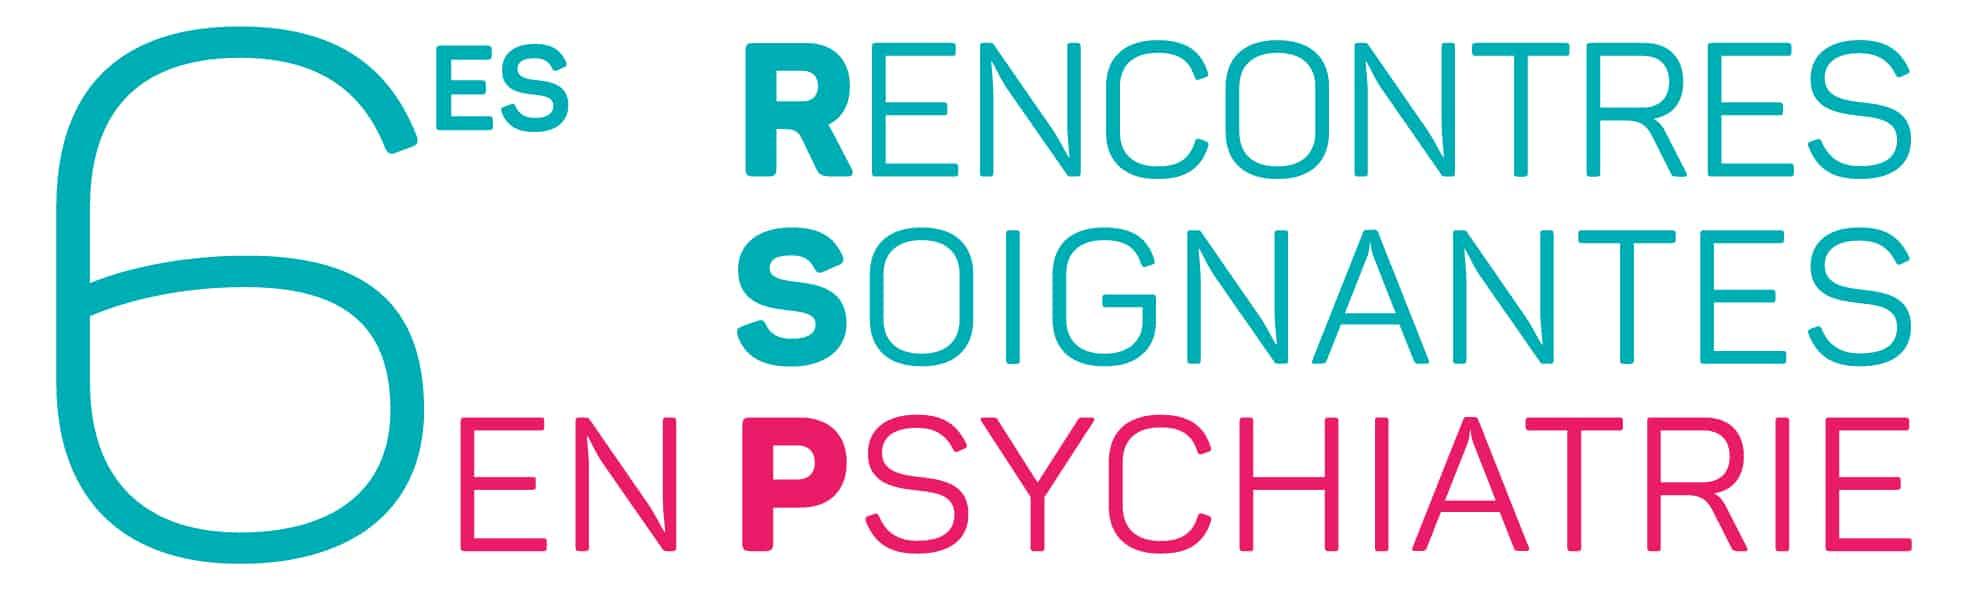 Rencontre du 3e type edition speciale